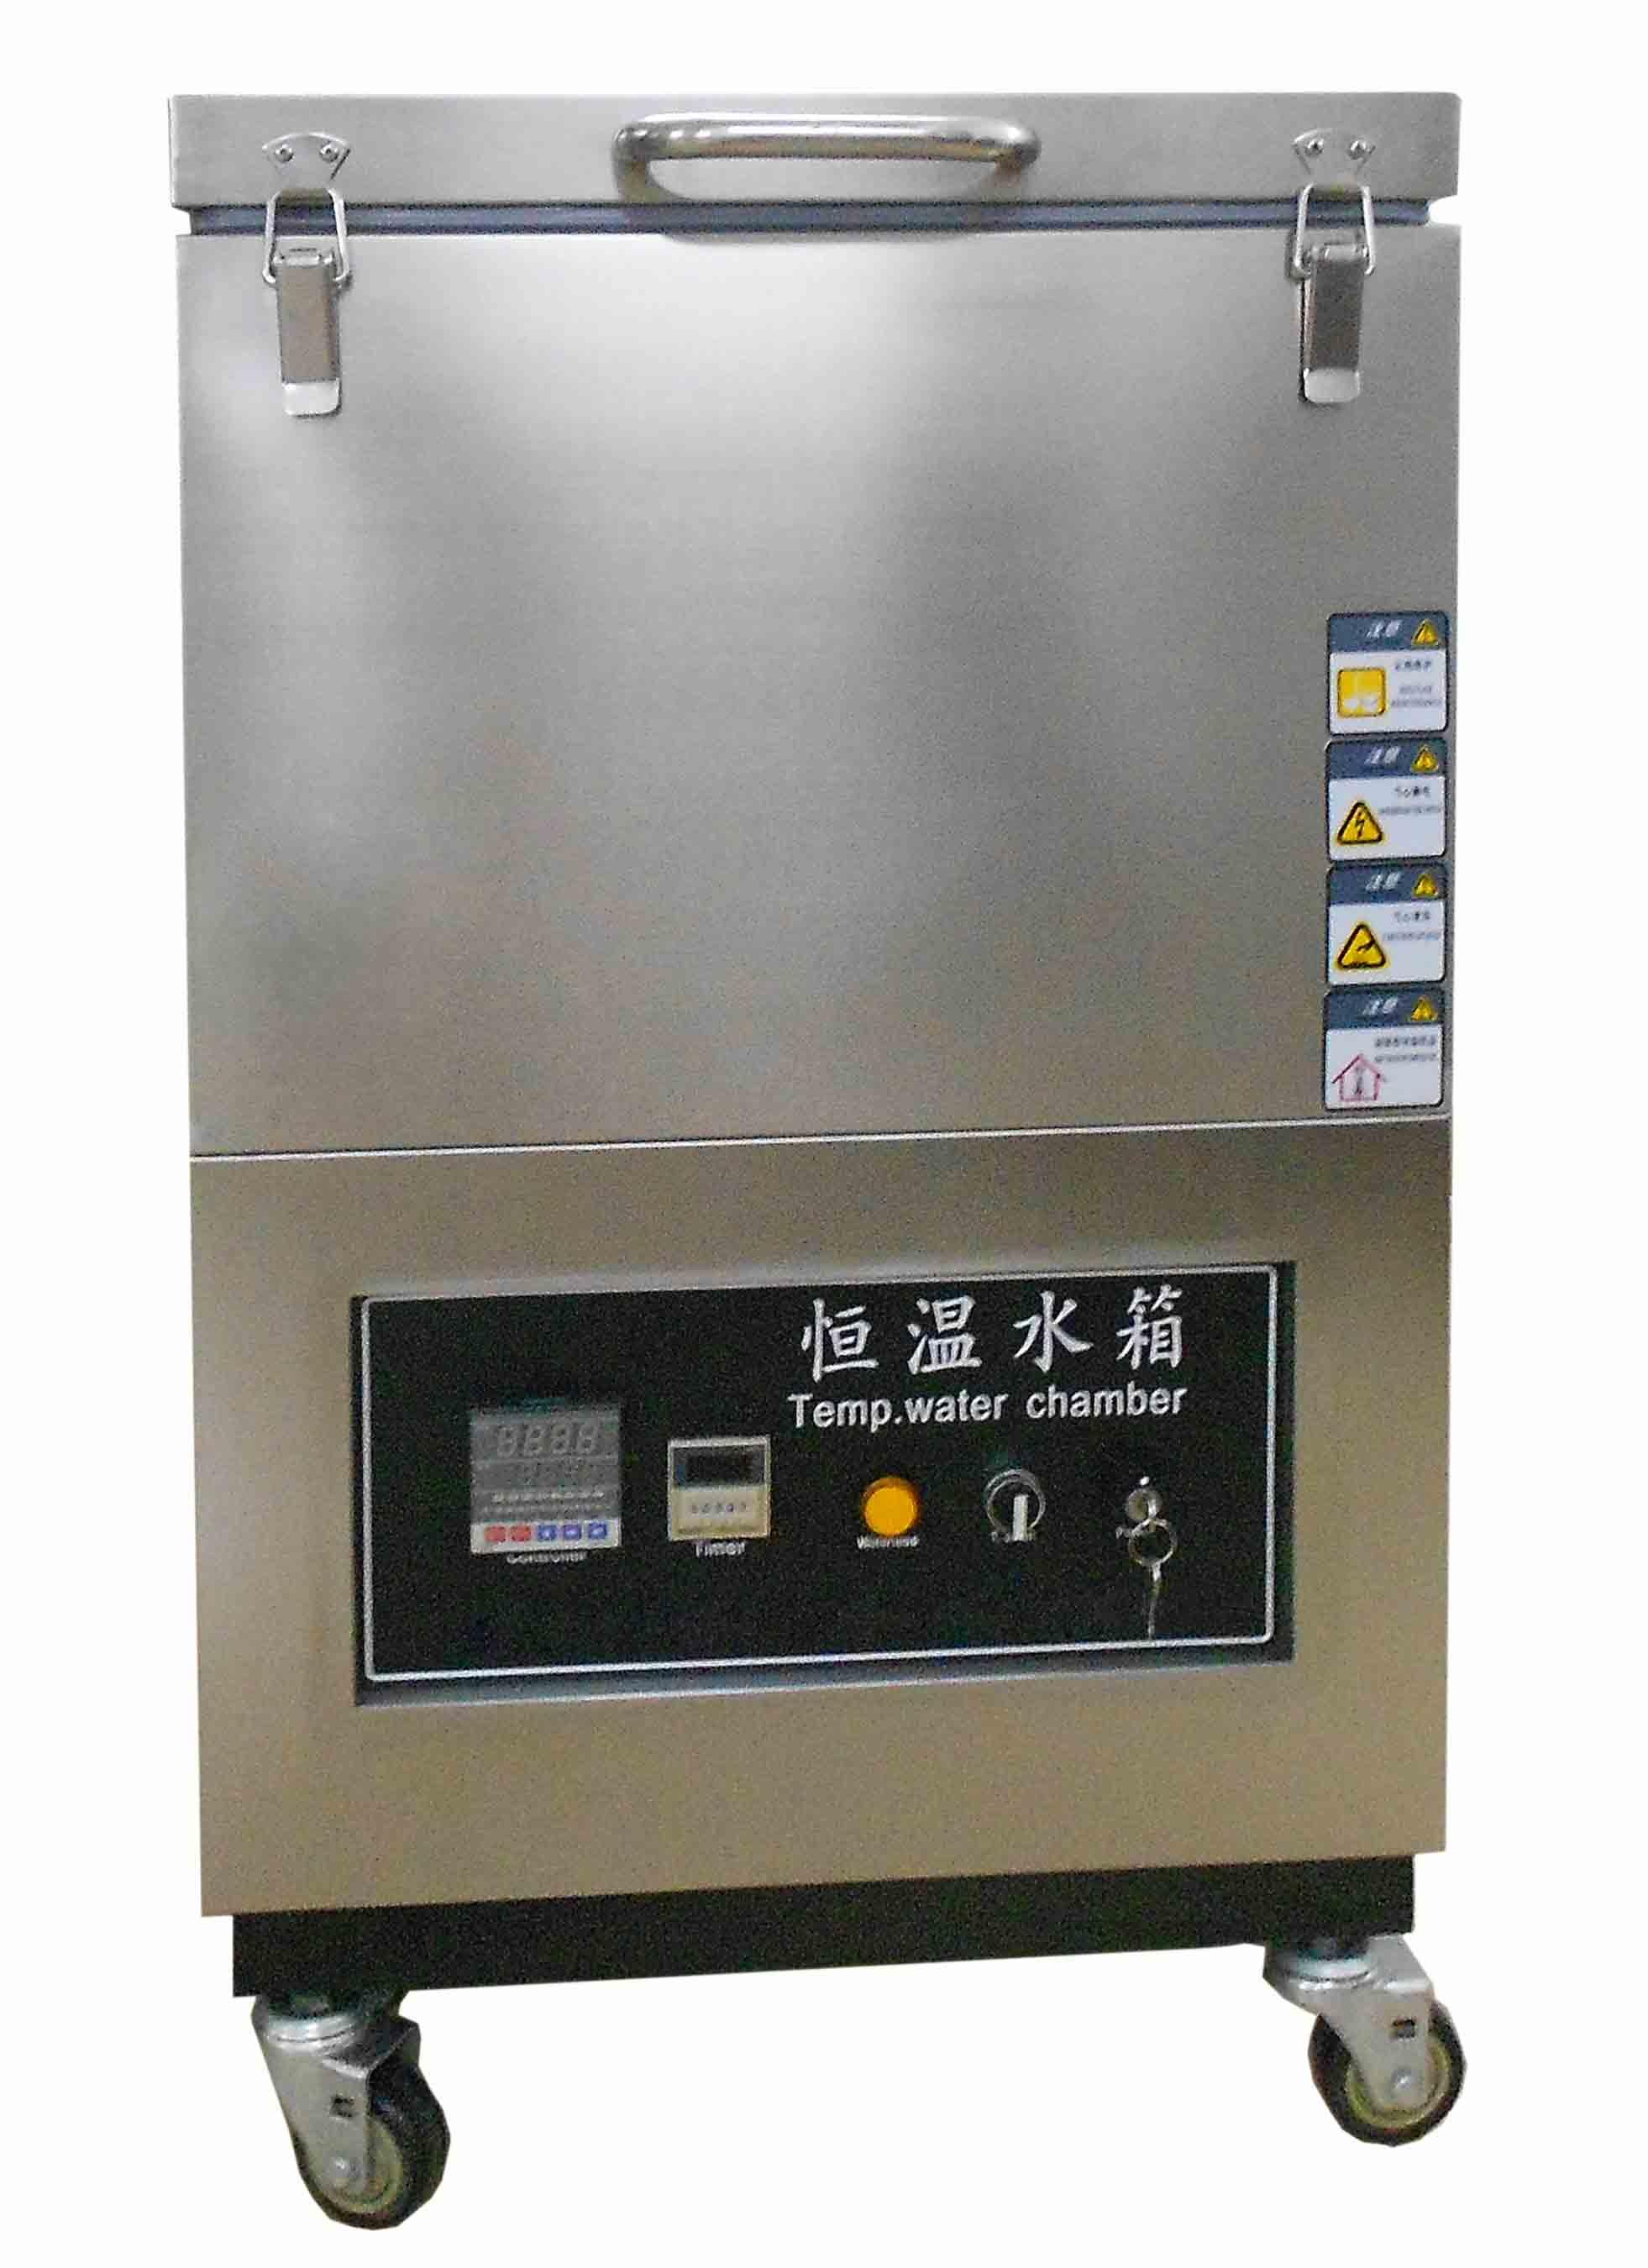 物理特性分析仪器 试验箱设备 高温老化试验箱,热老化试验箱 恒温水箱